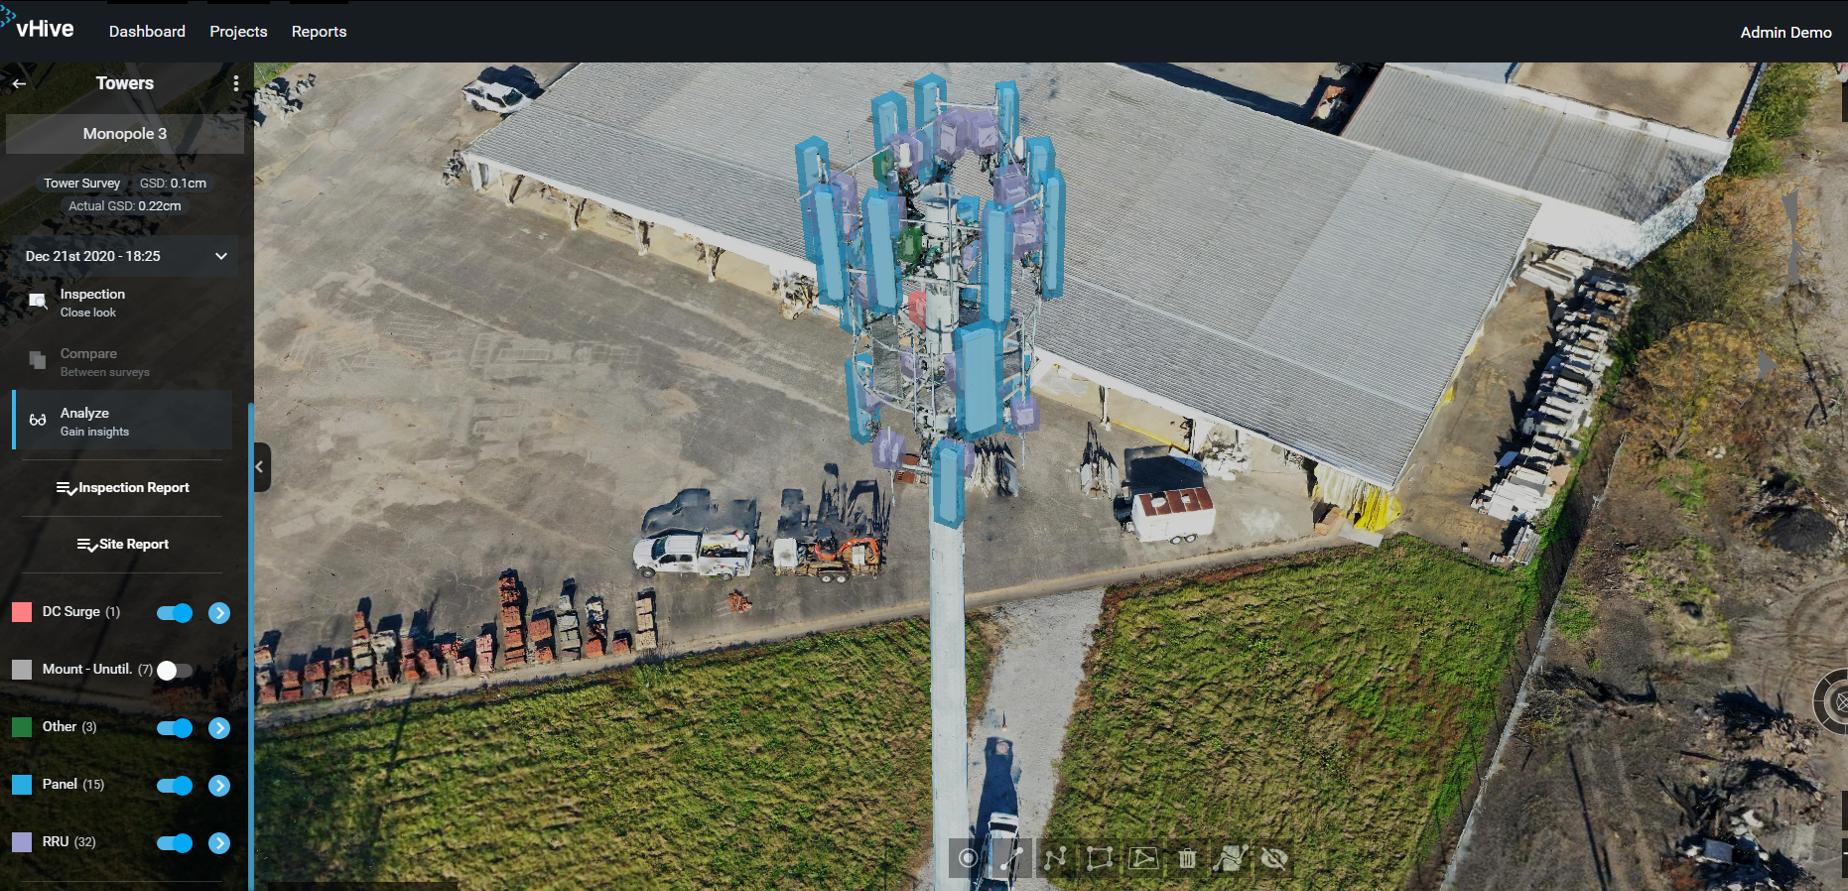 interactive 3D models of equipment